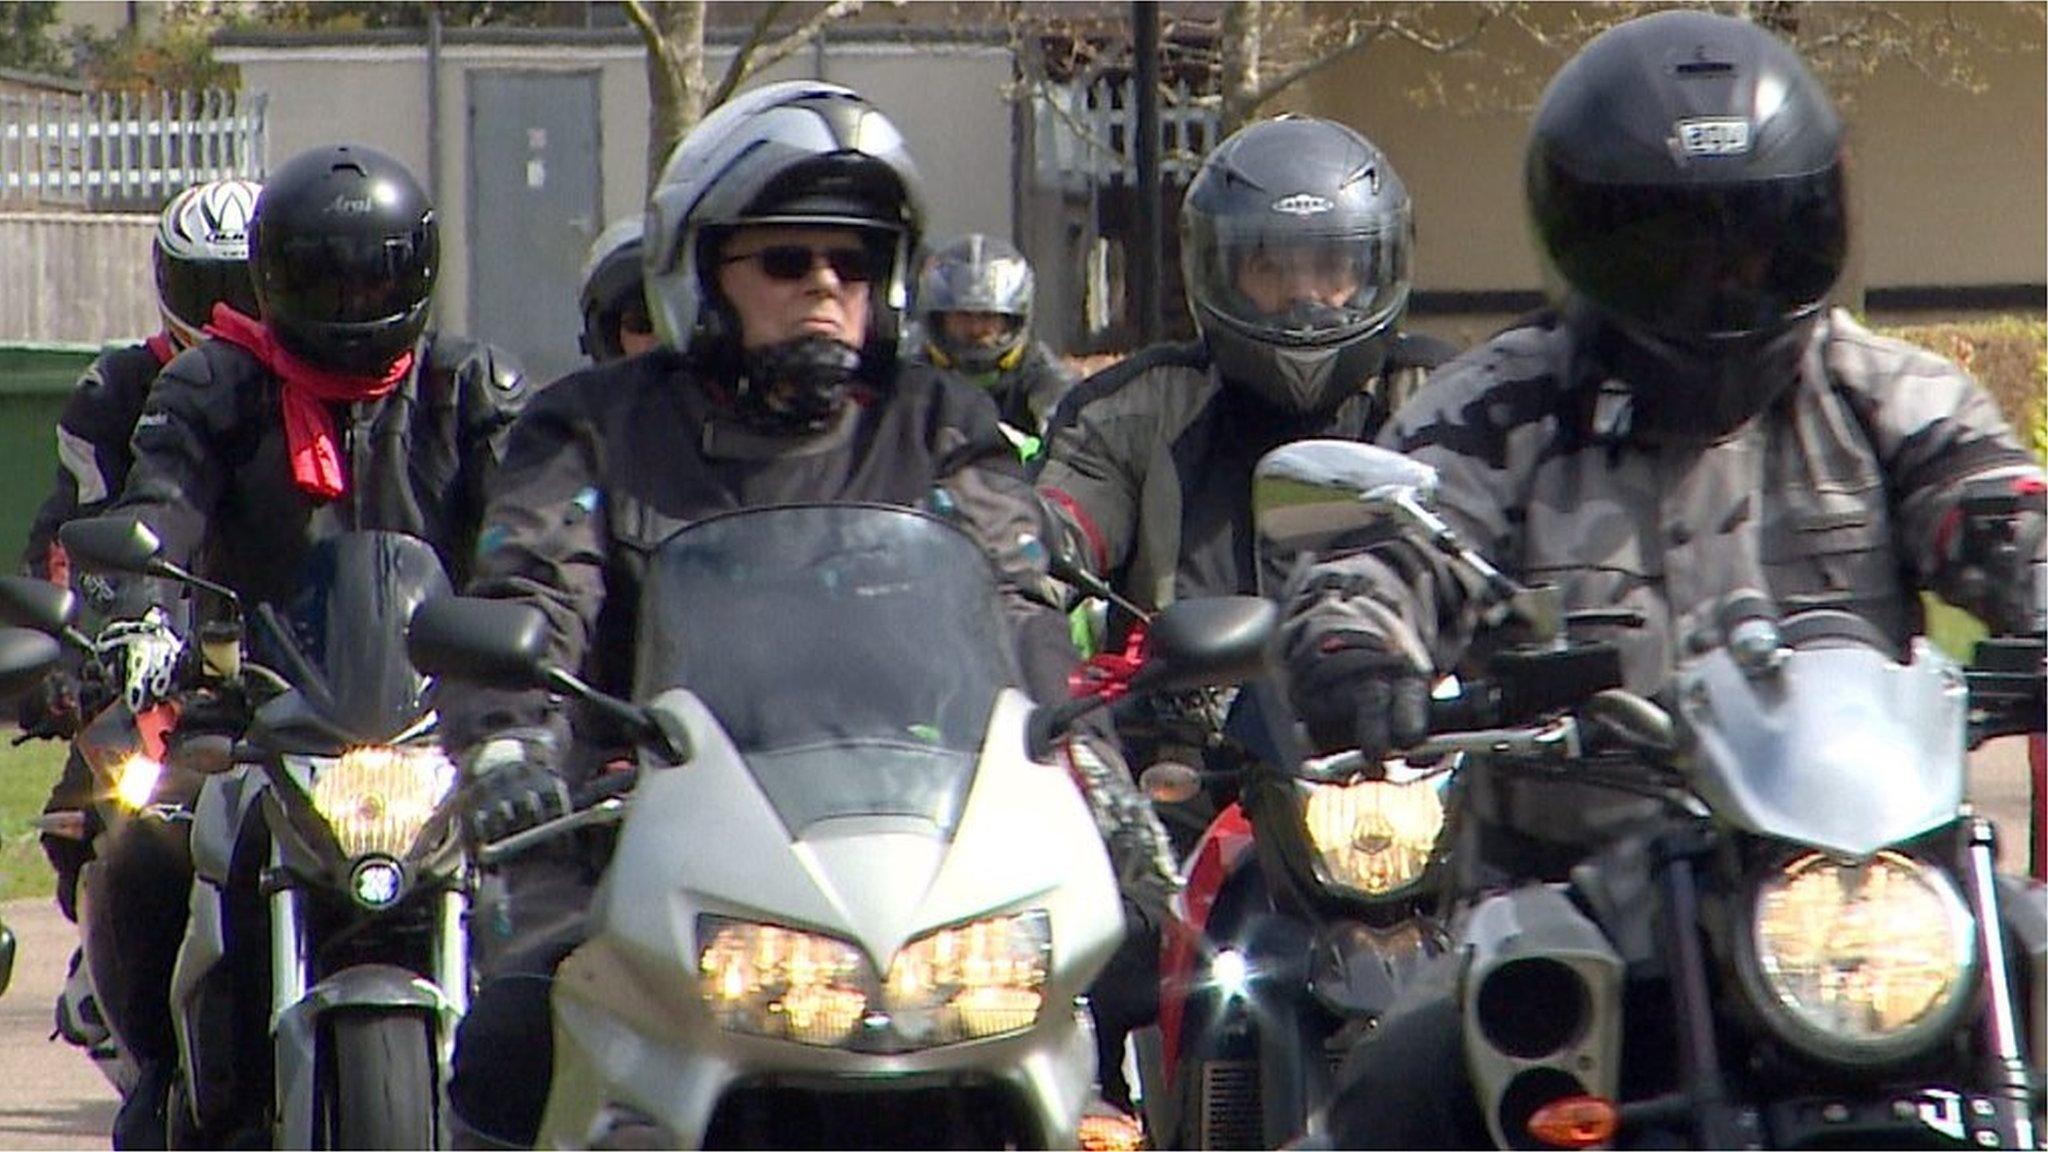 Bikers join Gorleston funeral cortege for 'biker chick'